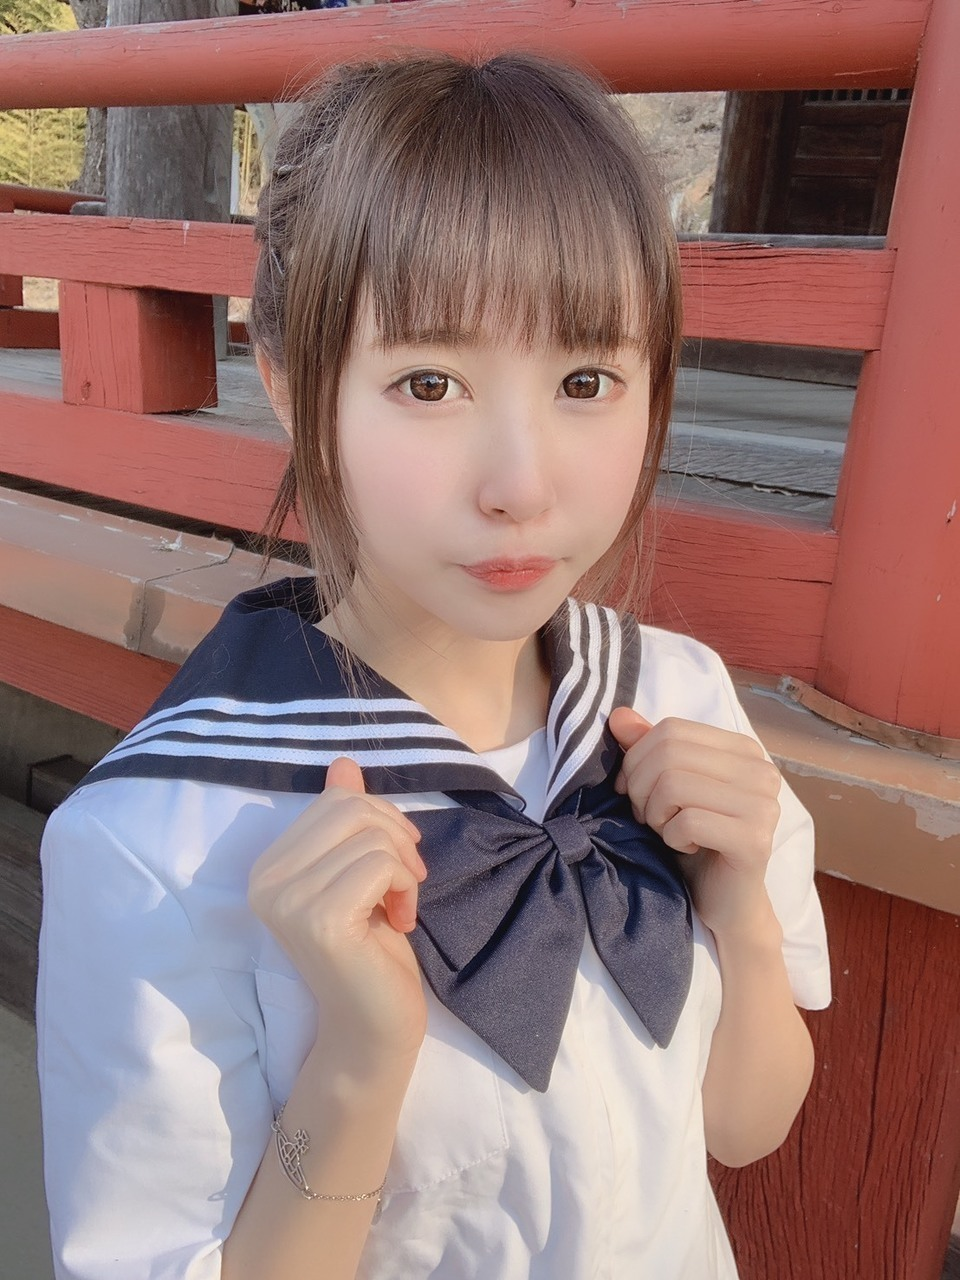 2019年9月19日(木) ちゅやめ野外撮影会(個撮)